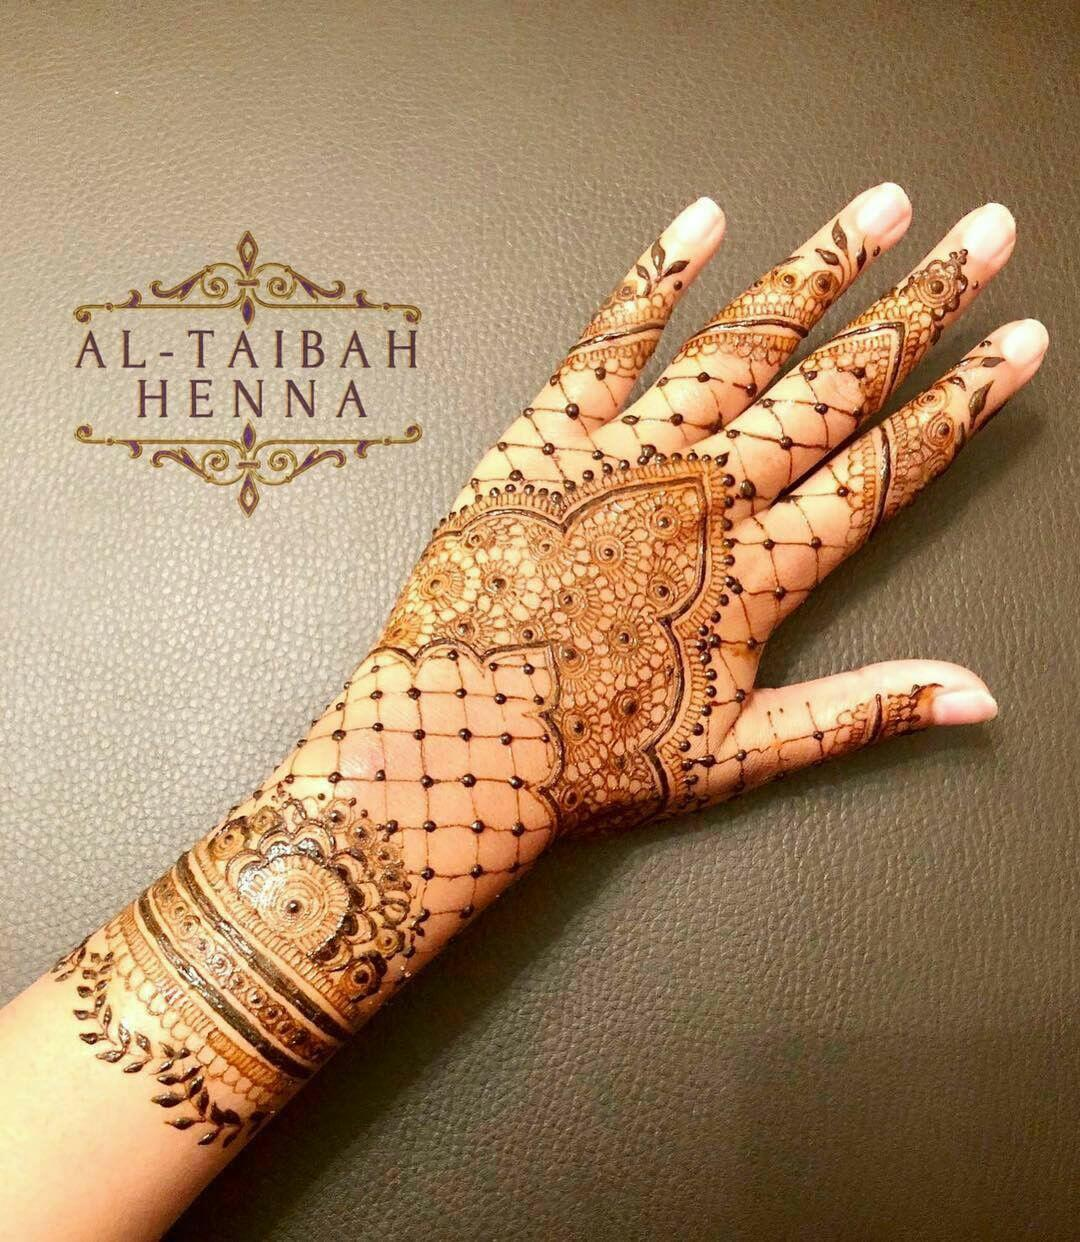 Al Taibah Henna